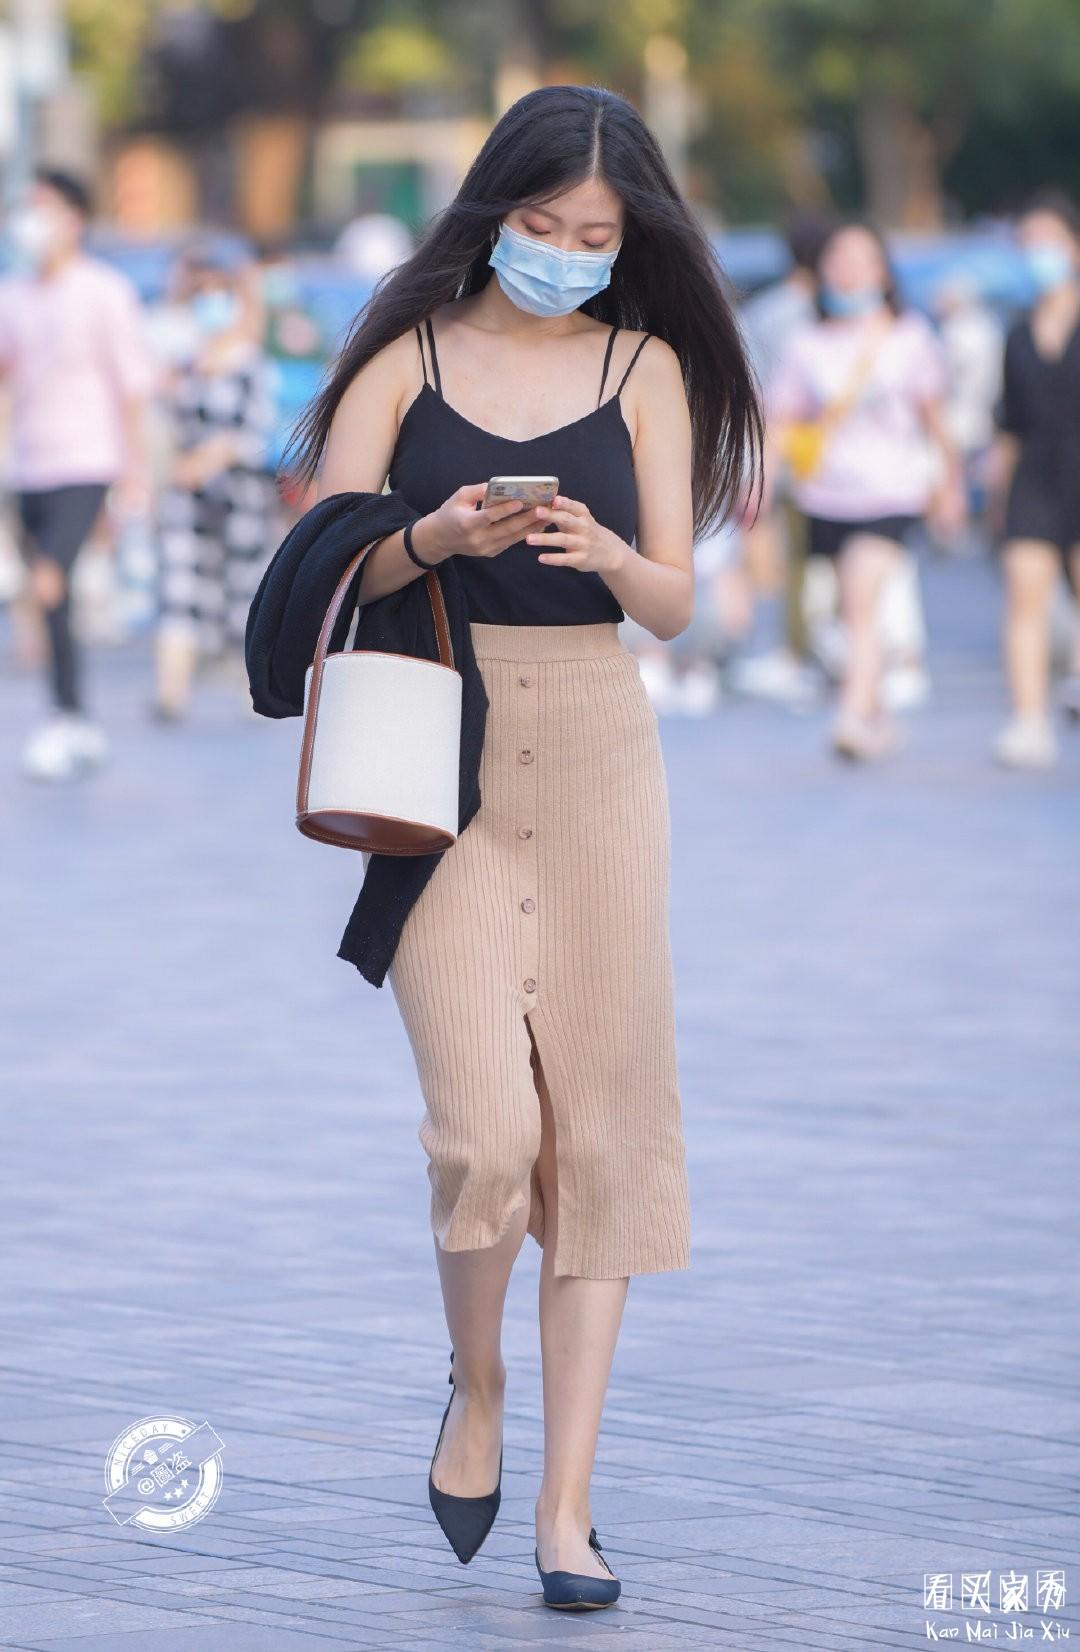 [街拍美女]透视装美女,美女自己可能也不知道这裙子能这么透视6